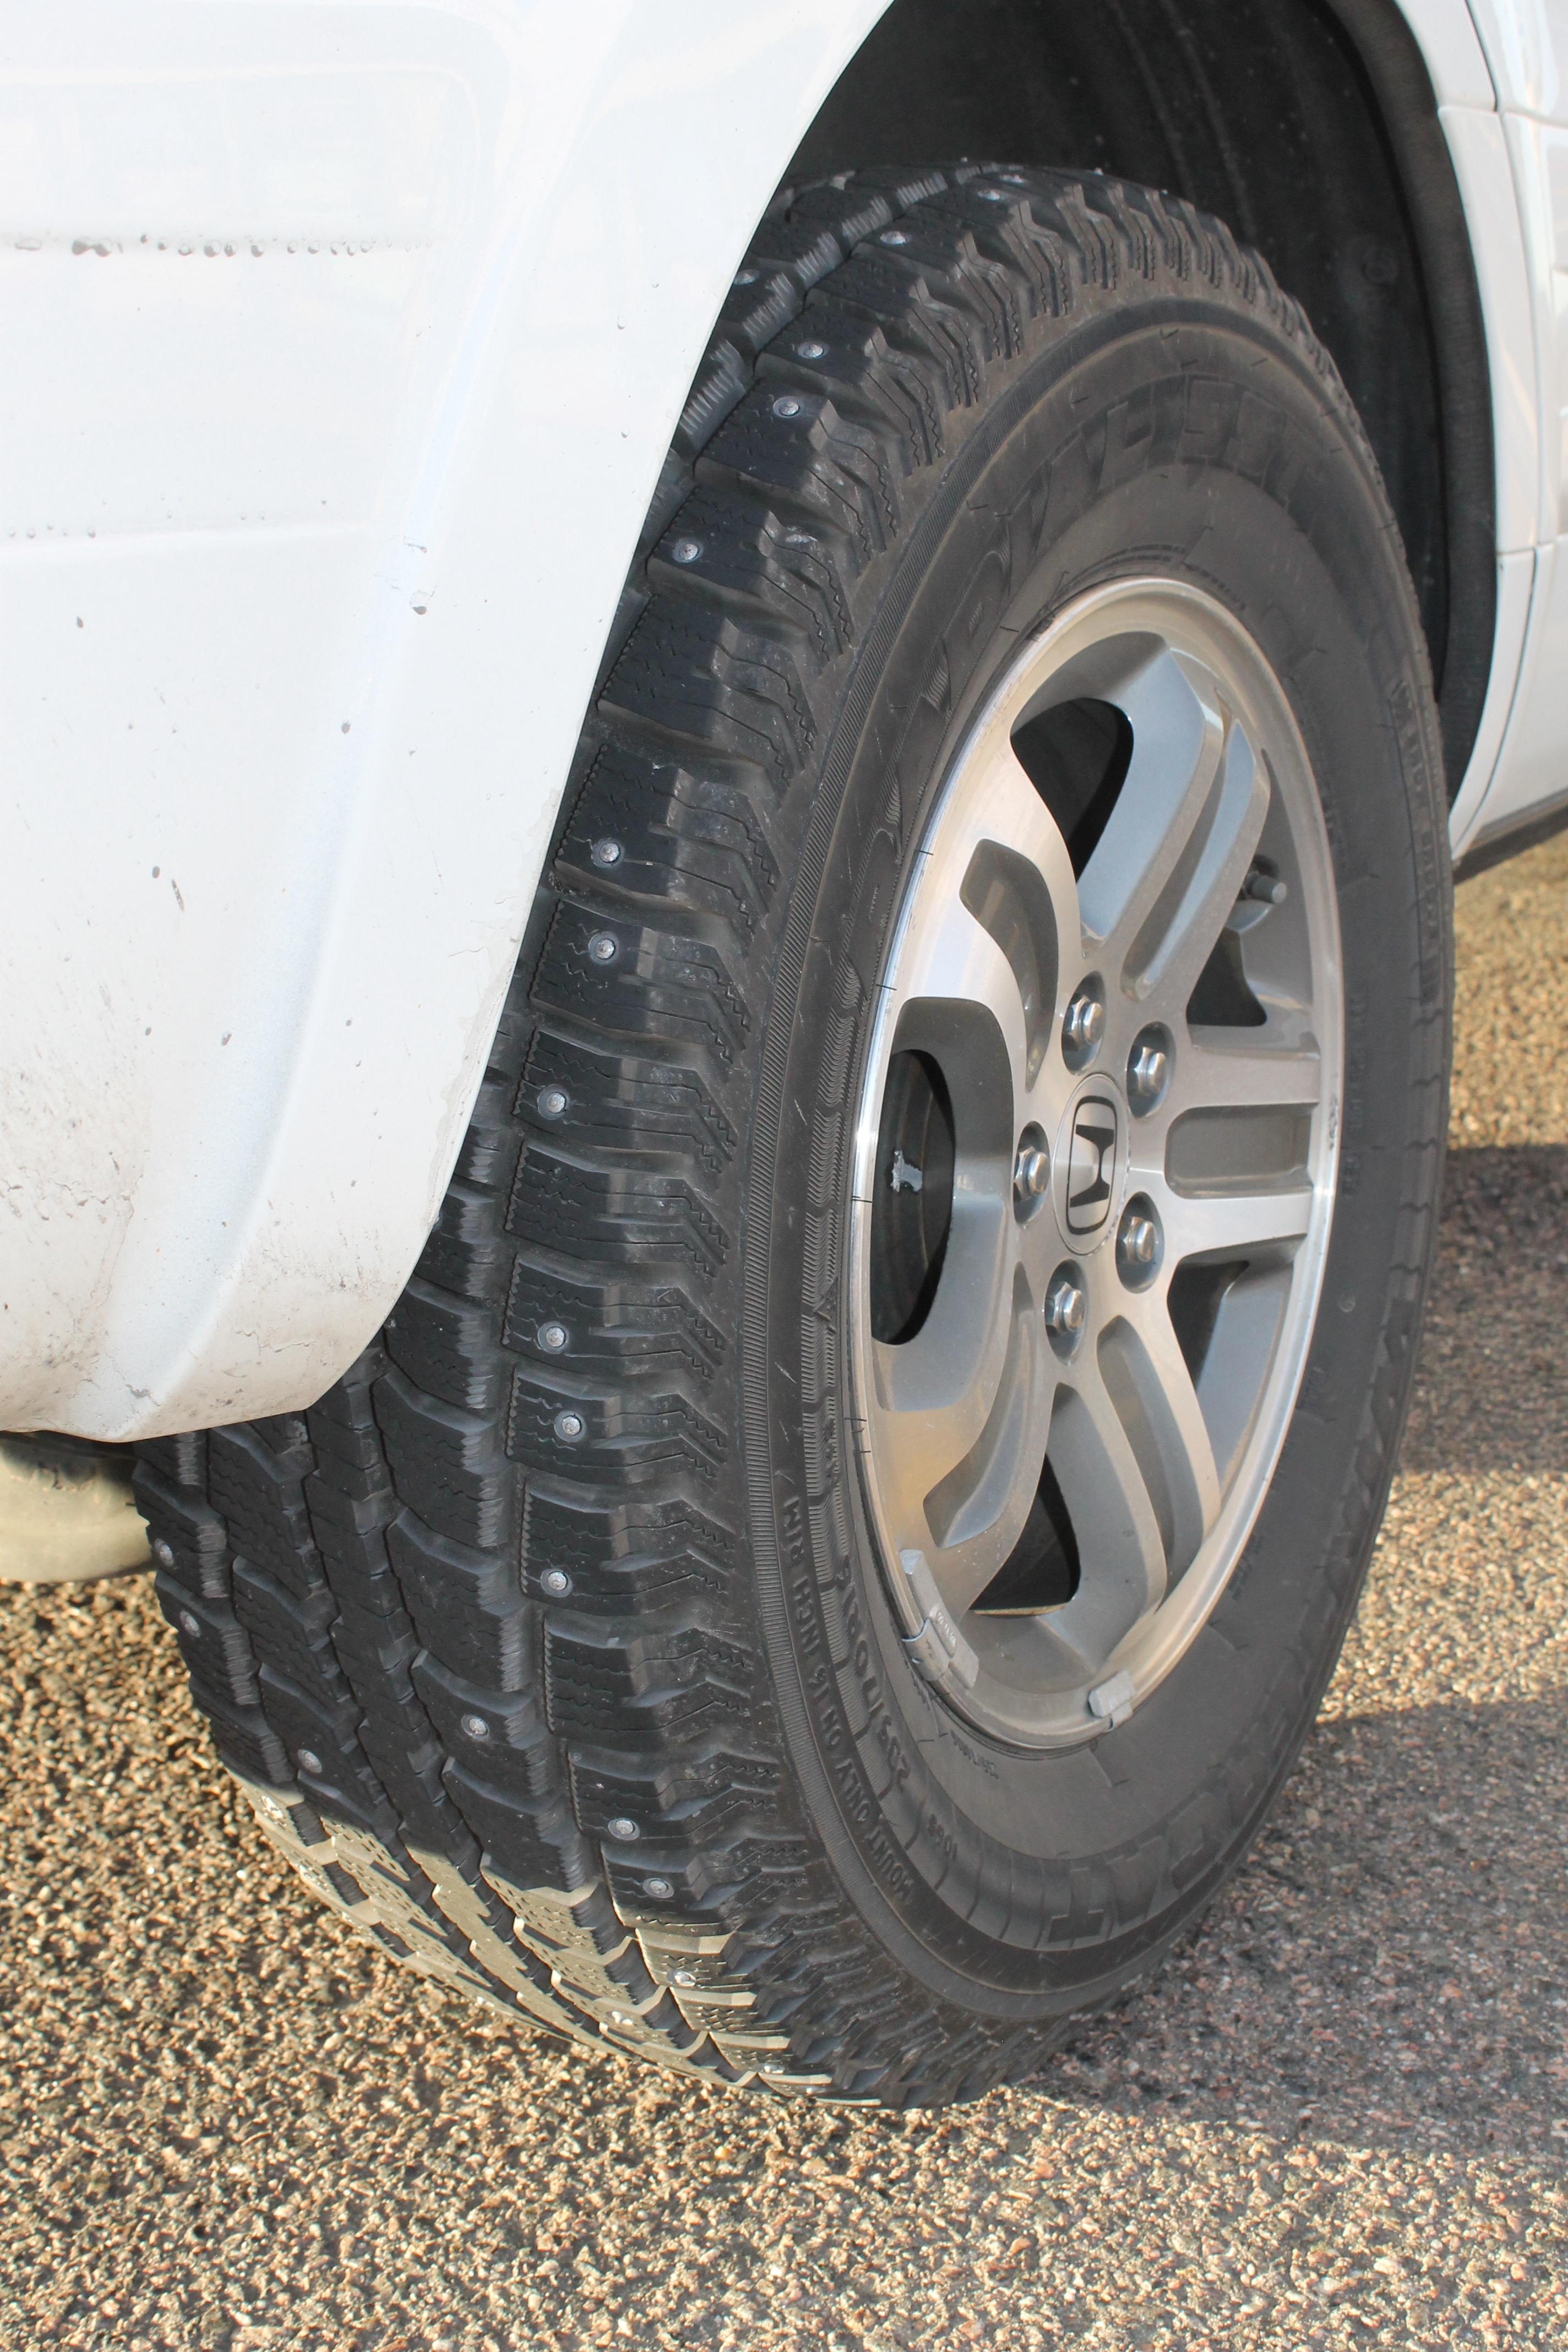 images gratuites voiture roue voyage transport un camion v hicule parlait pneu pare. Black Bedroom Furniture Sets. Home Design Ideas